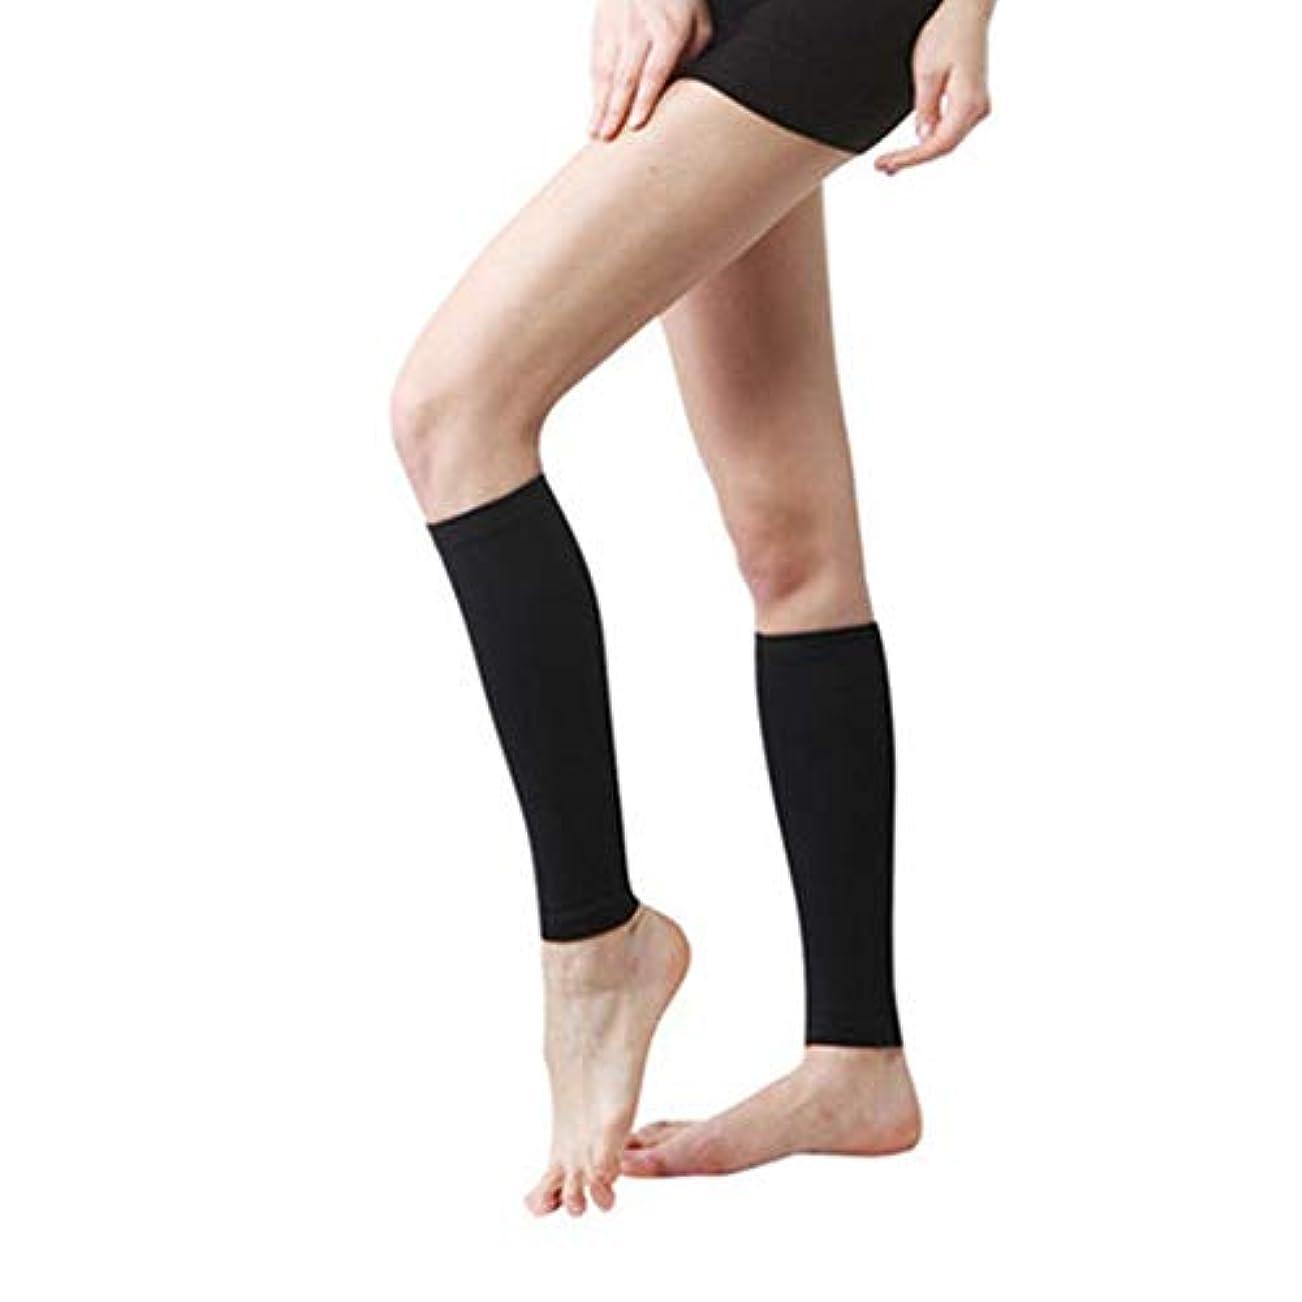 ハッチトランスペアレント撃退する丈夫な男性女性プロの圧縮靴下通気性のある旅行活動看護師用シンススプリントフライトトラベル - ブラック